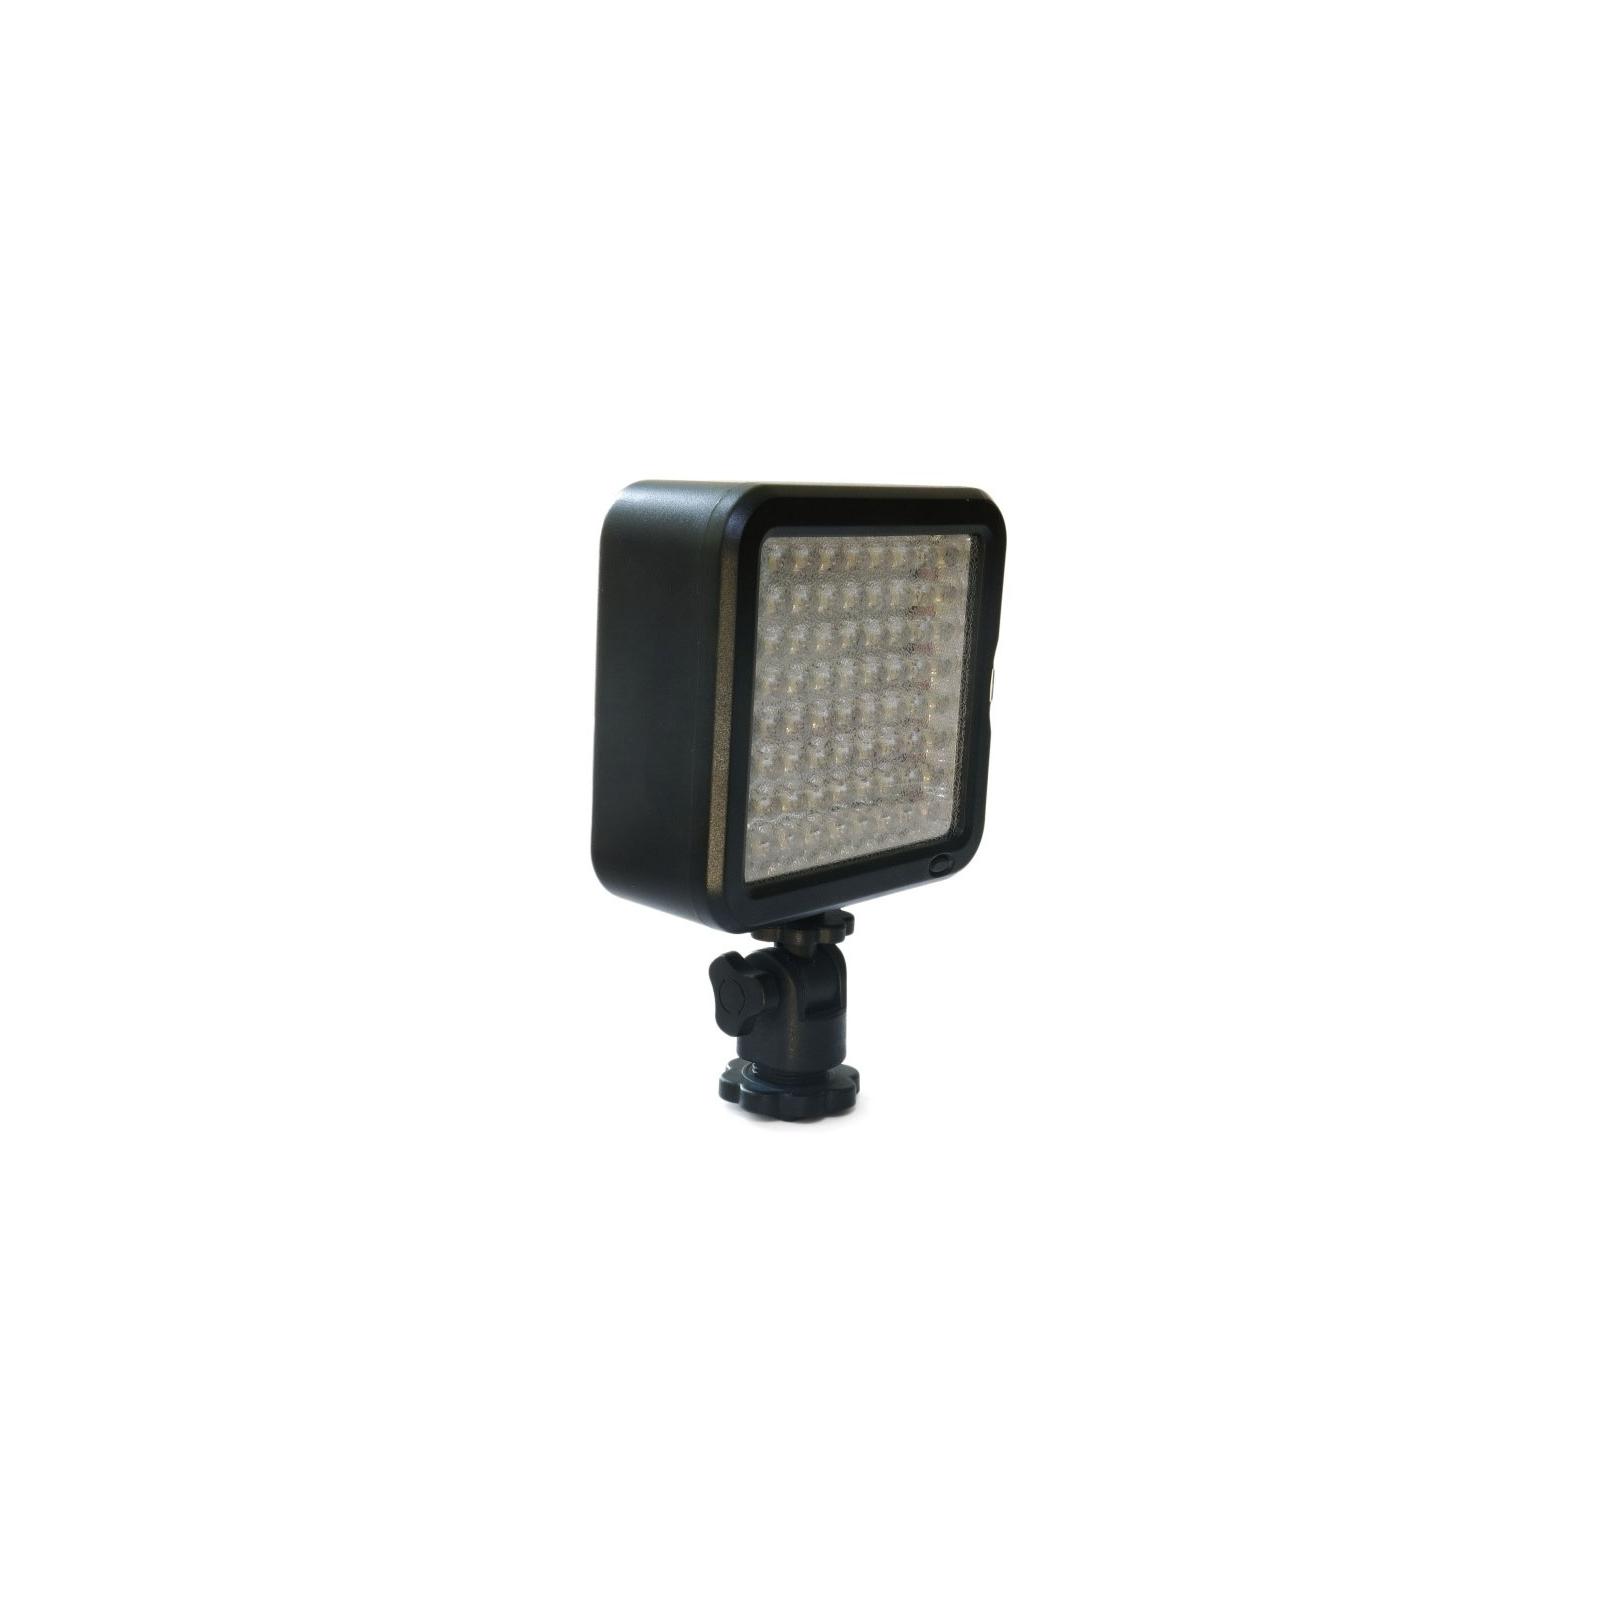 Вспышка EXTRADIGITAL Накамерный свет LED-E72 (LED3206) изображение 2